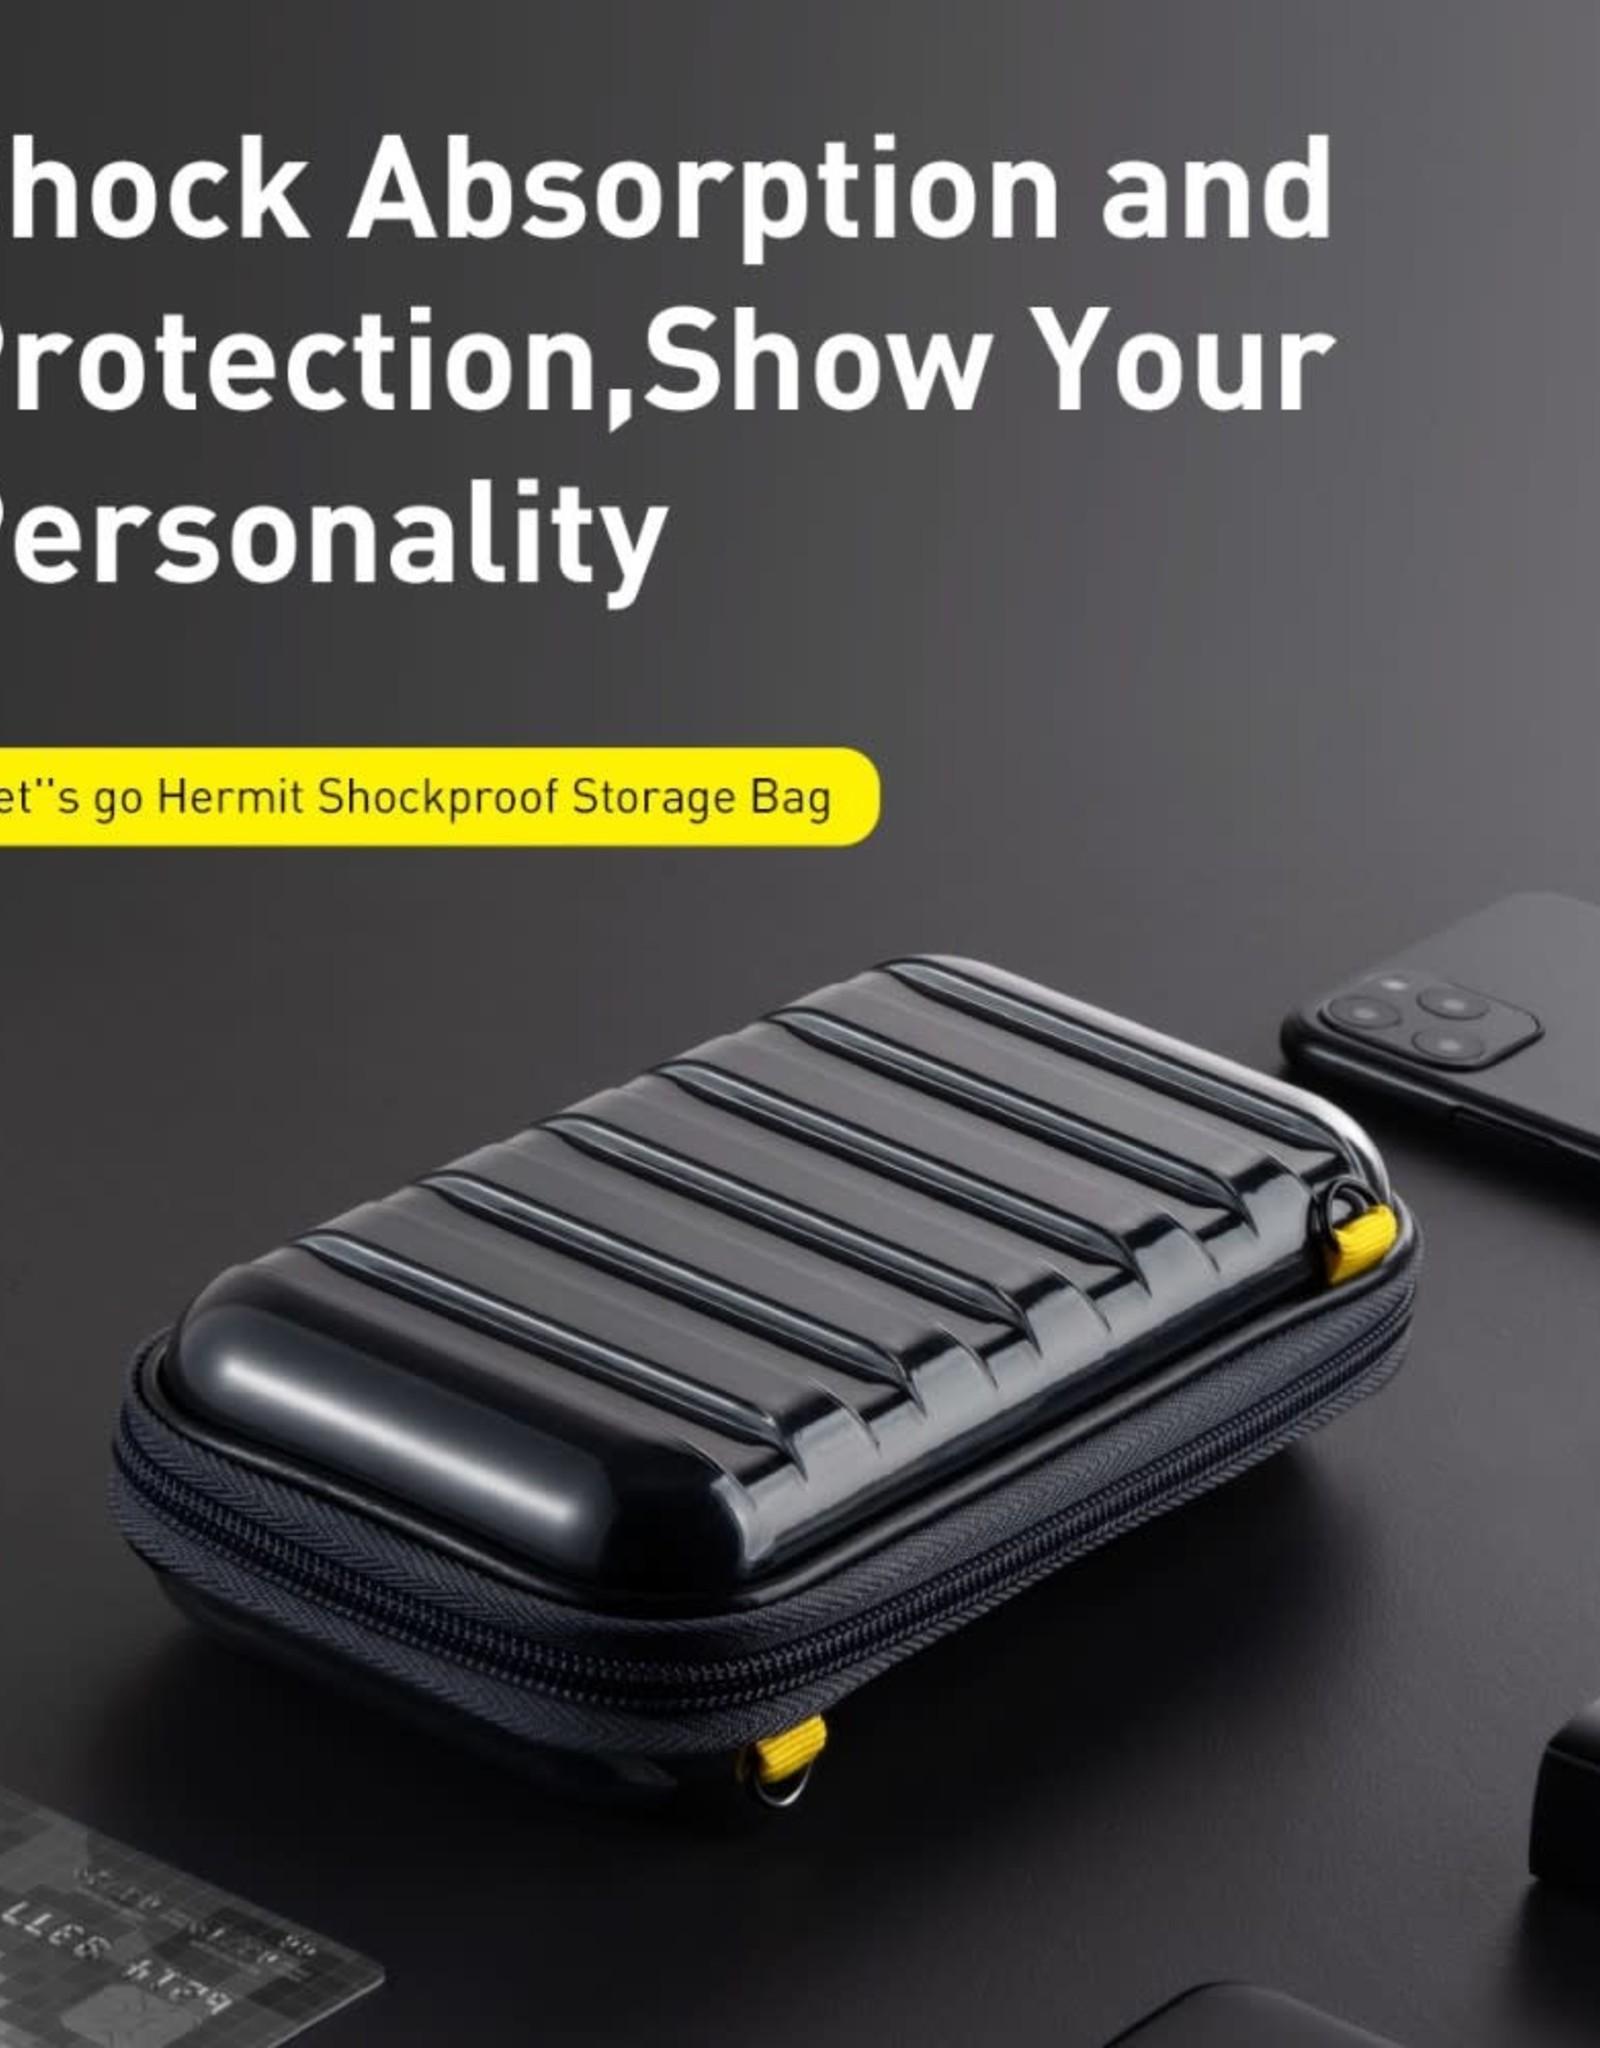 BASEUS Let's Go Series Hermit Shockproof Storage Bag - Transparent Black